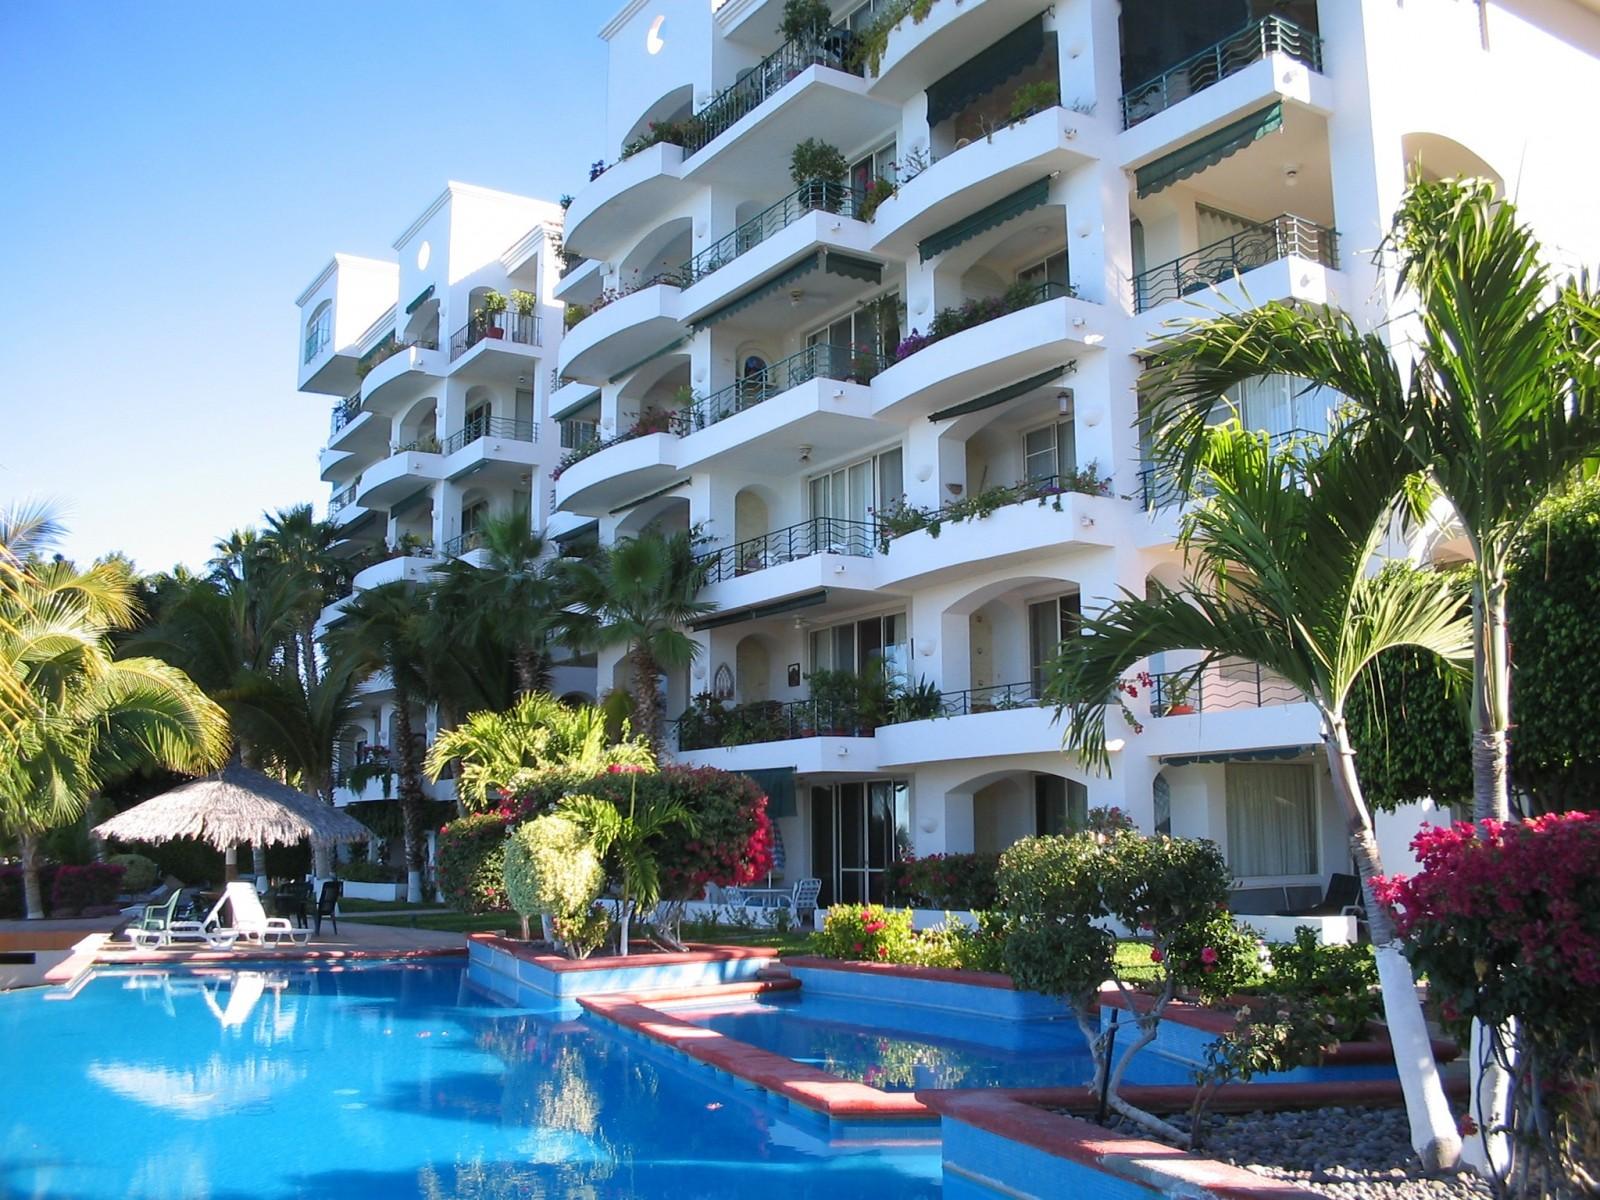 La Concha Balcony Hotel Beach